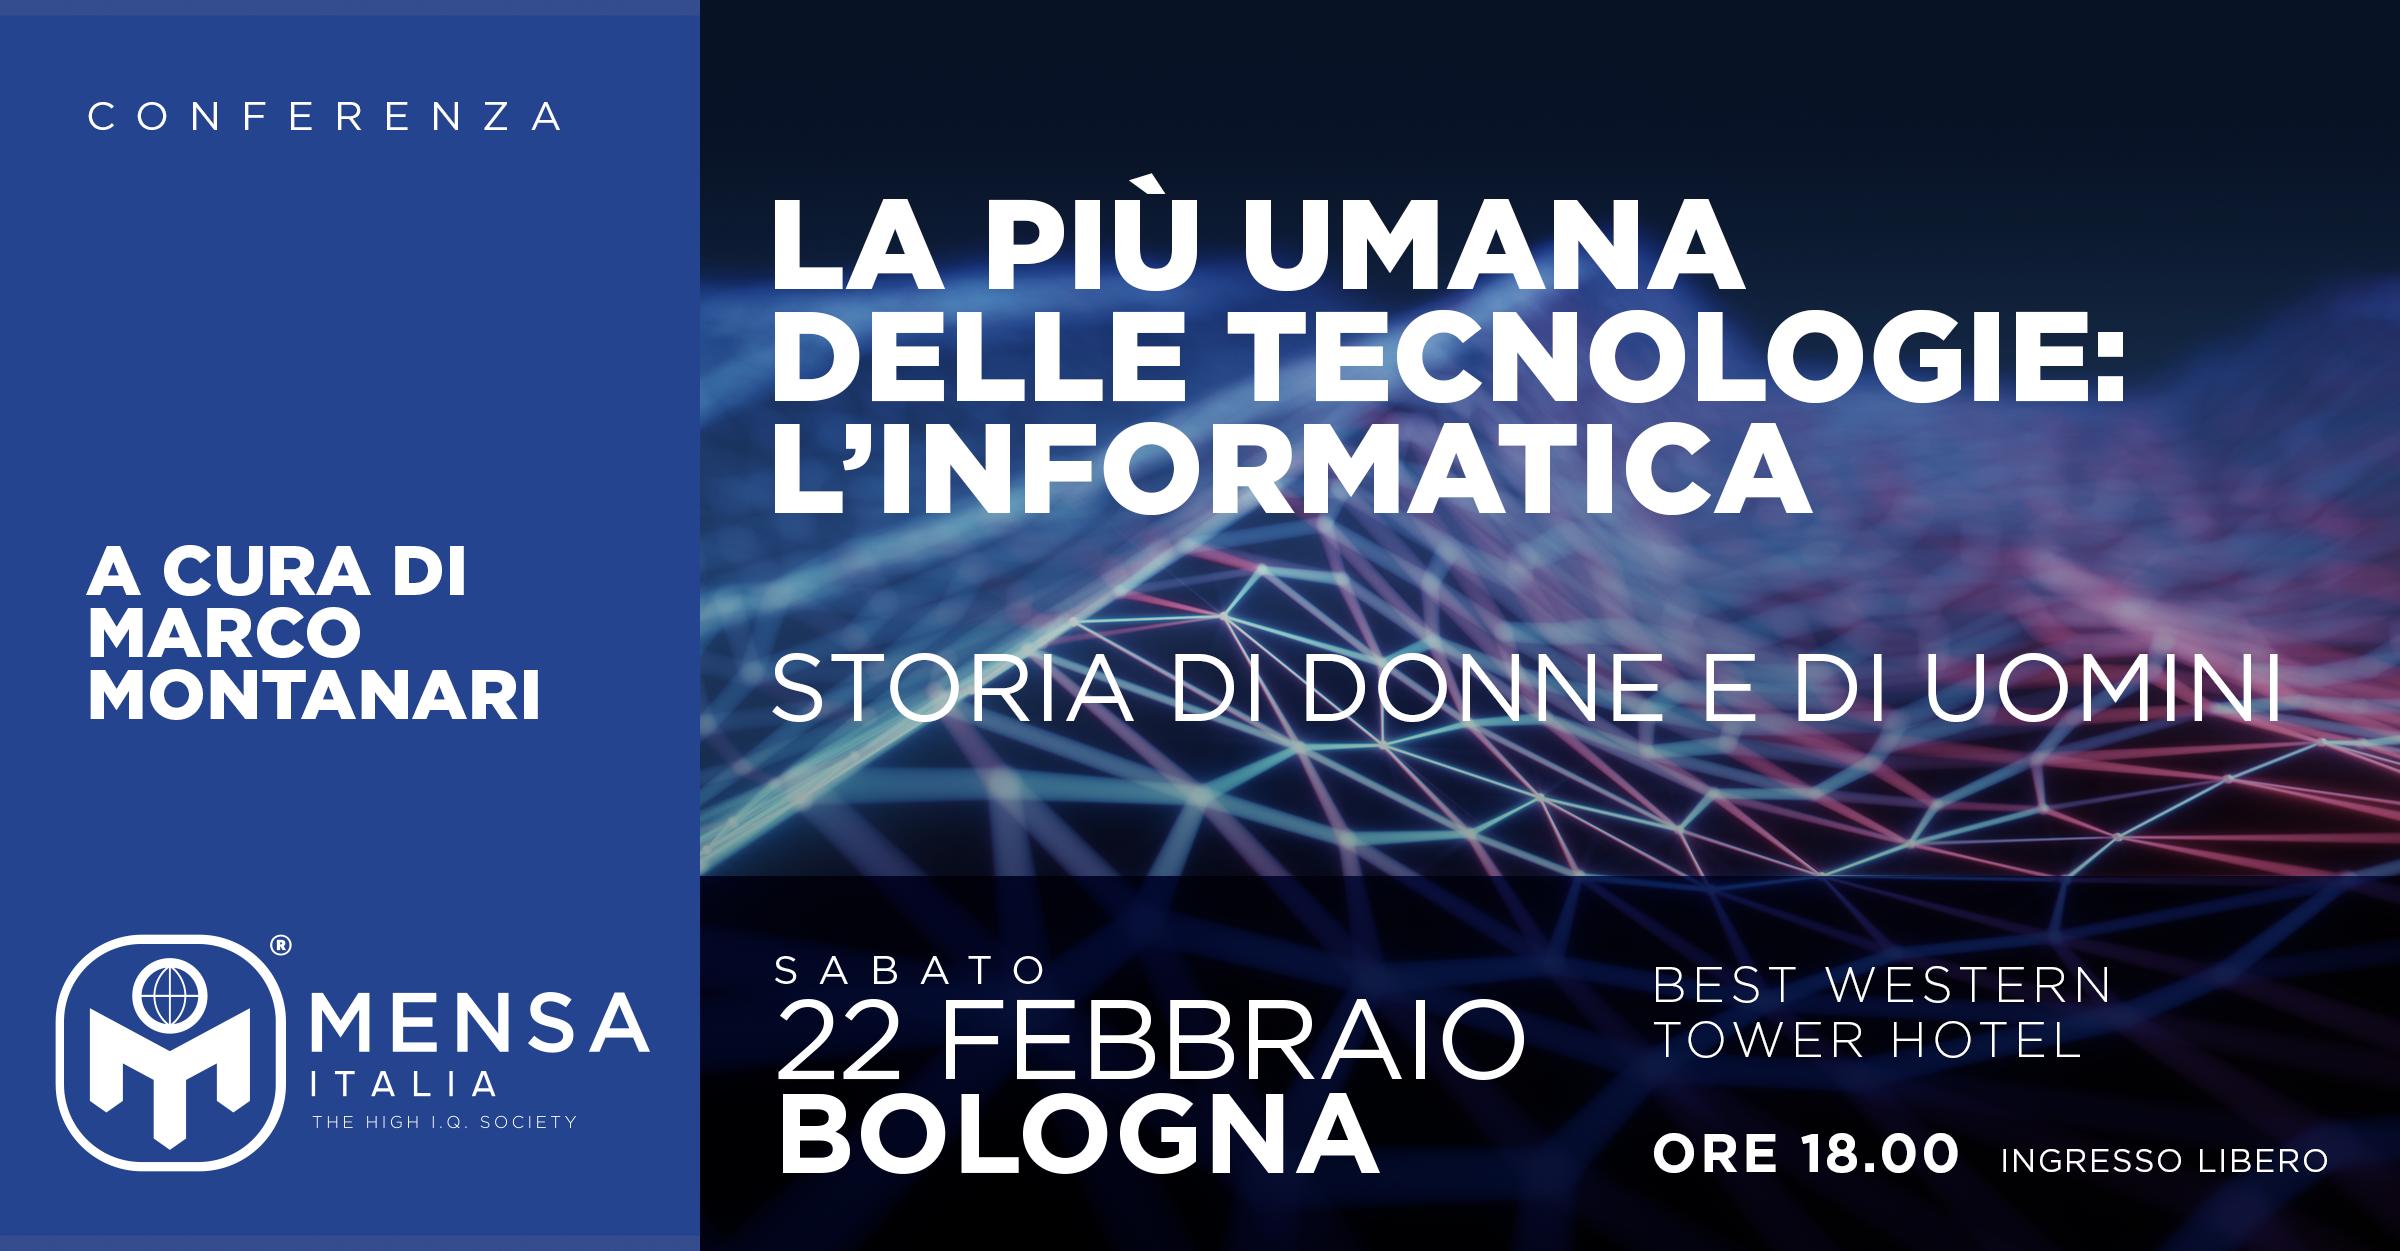 Bologna, 22 febbraio 2020. L'informatica: Storia di donne e di uomini.